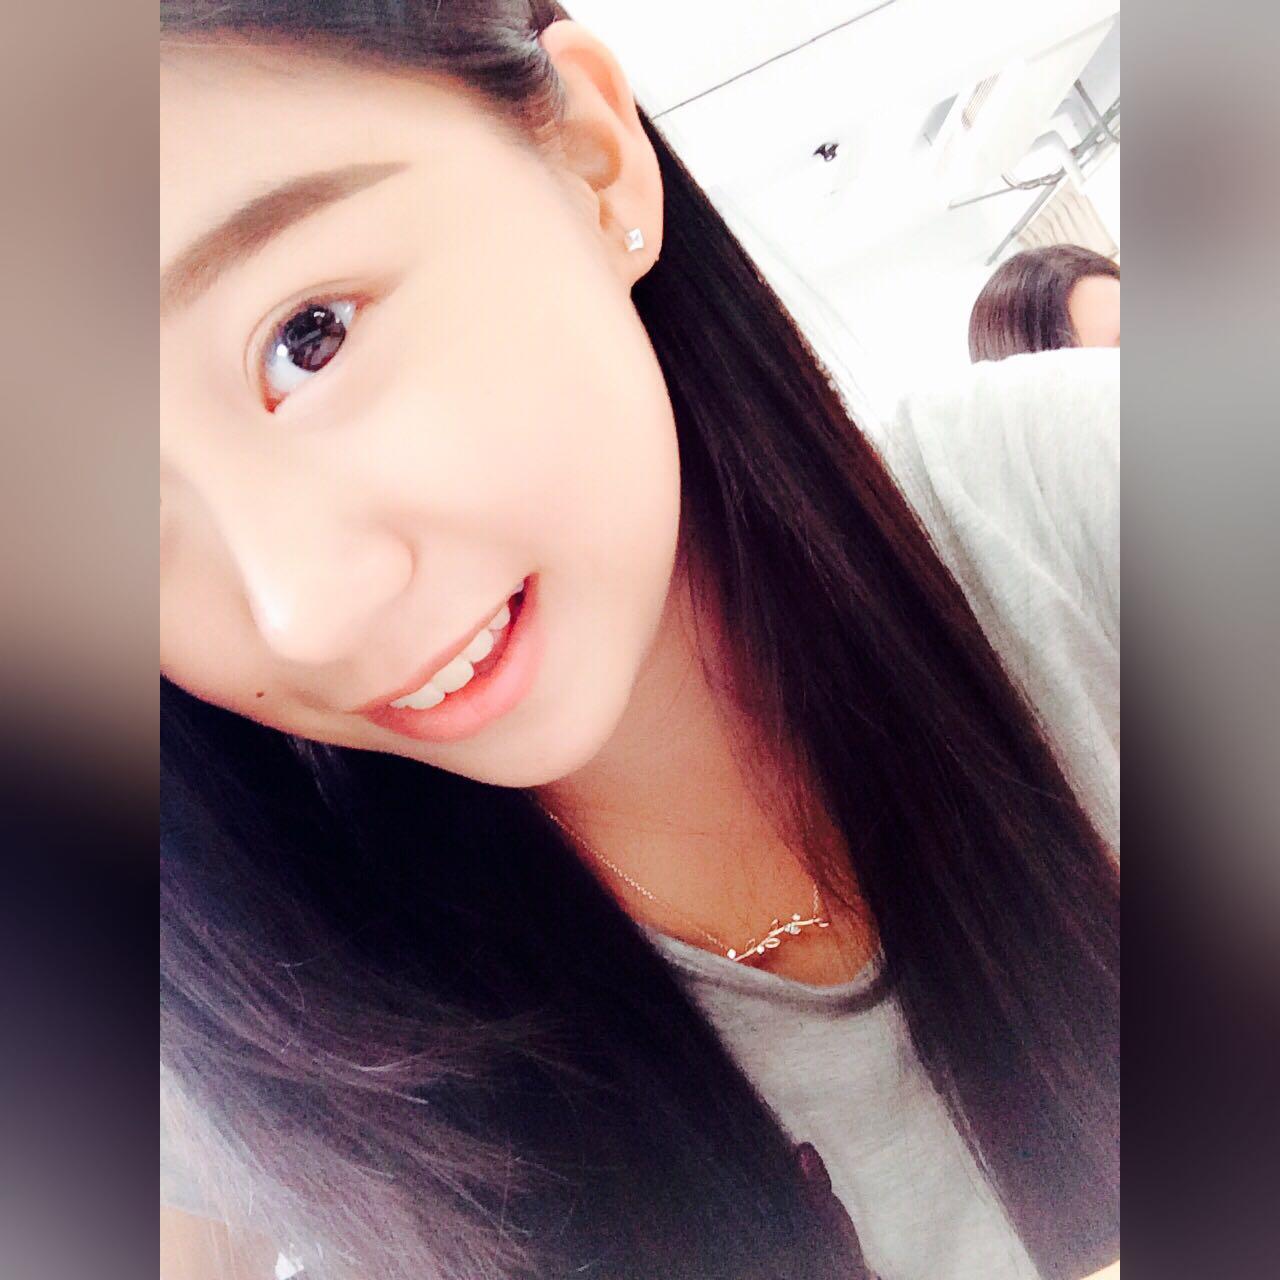 huang_jie